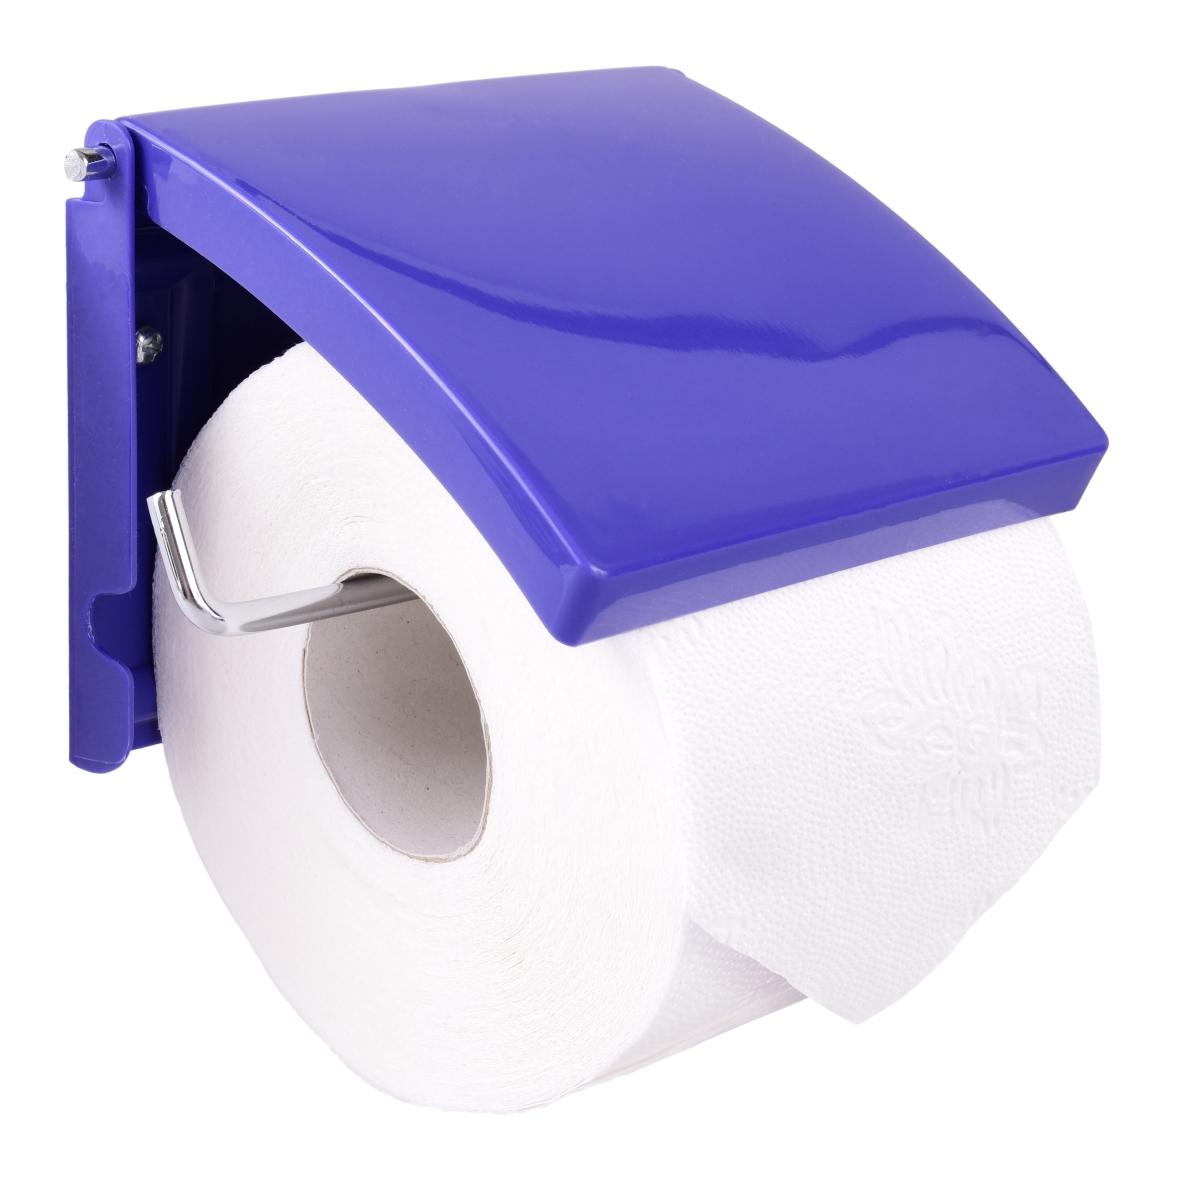 Držák toaletního papíru levandulový